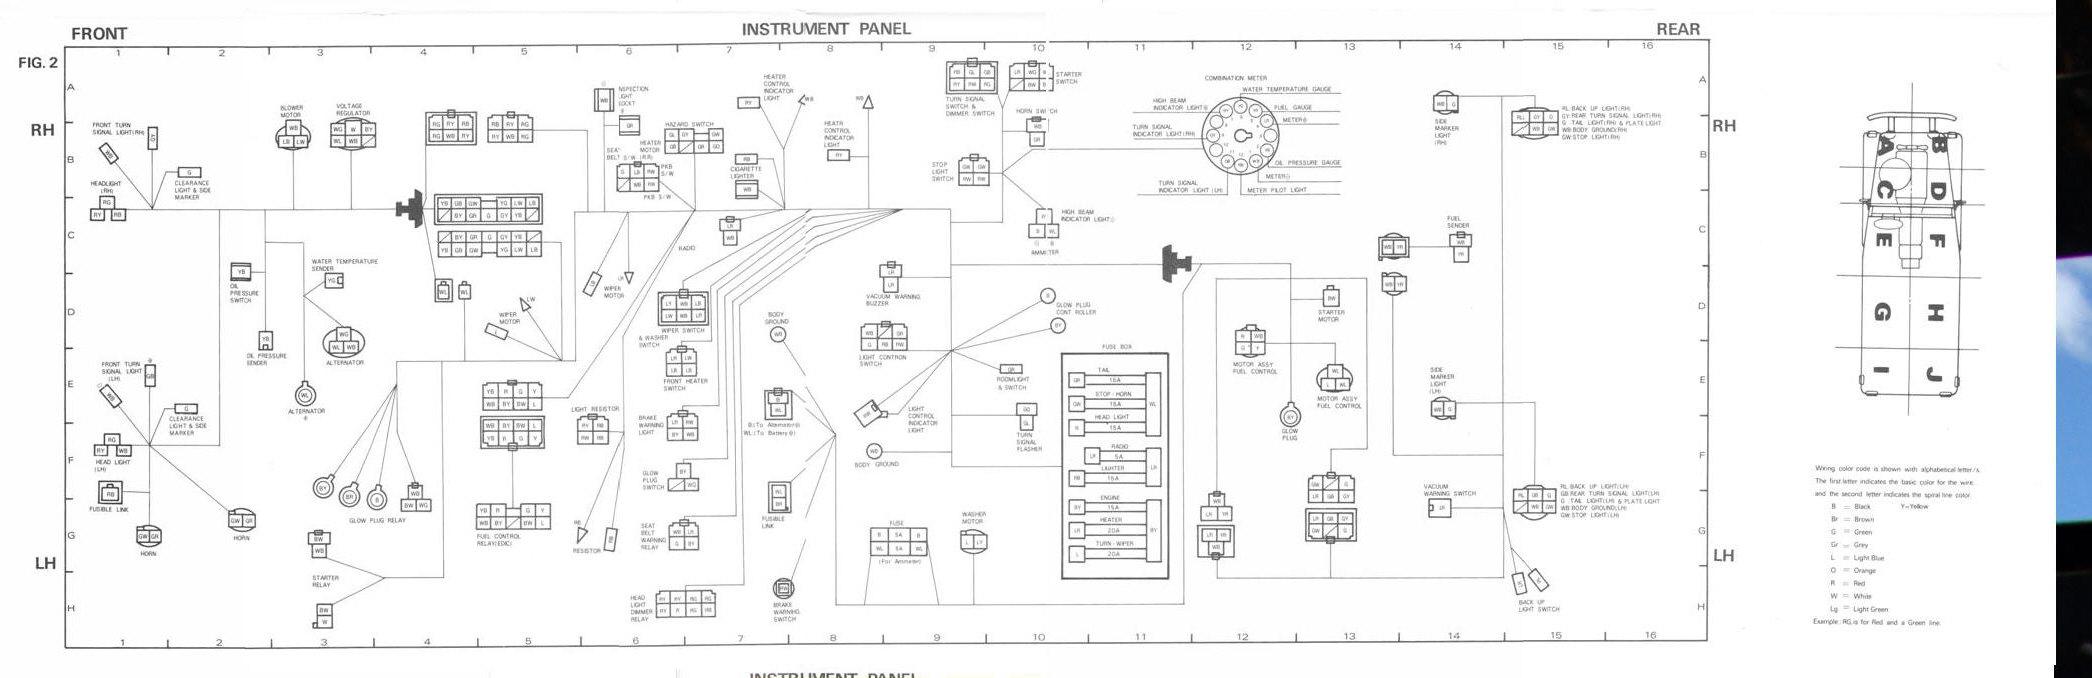 Tolle 1979 Chevy Lkw Schaltplan Fotos - Der Schaltplan - greigo.com